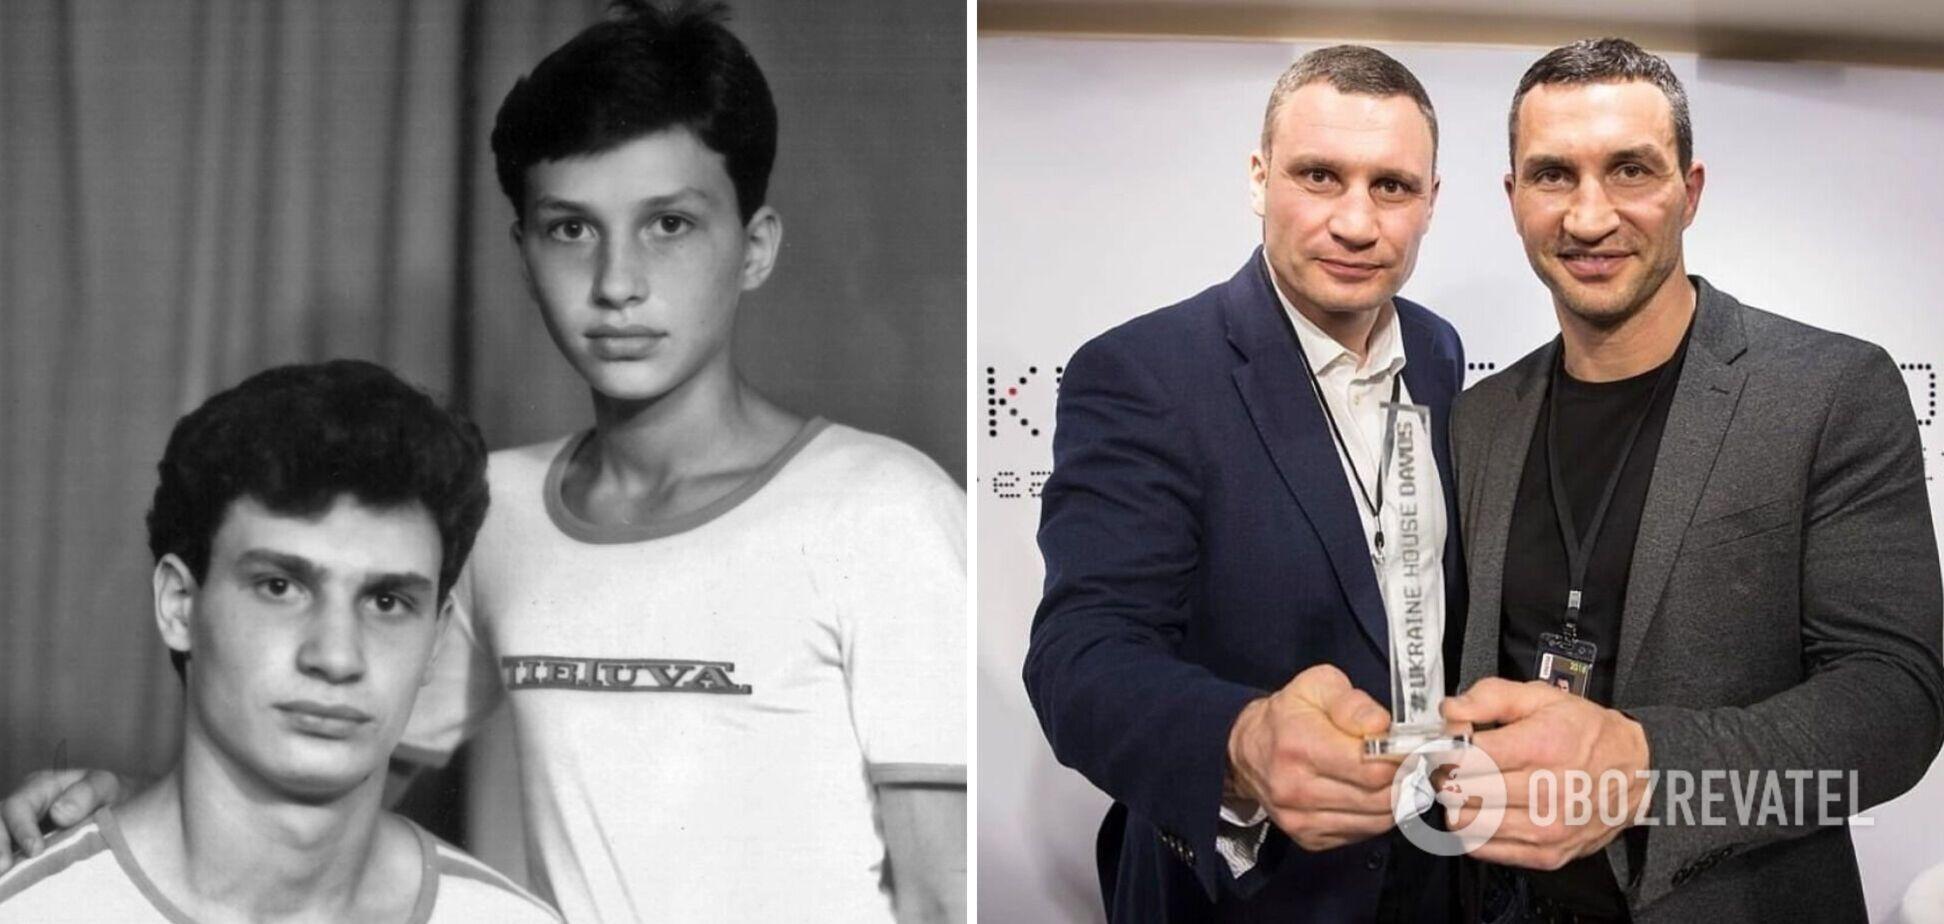 Як змінювалися брати Клички: фото зірок протягом кар'єри